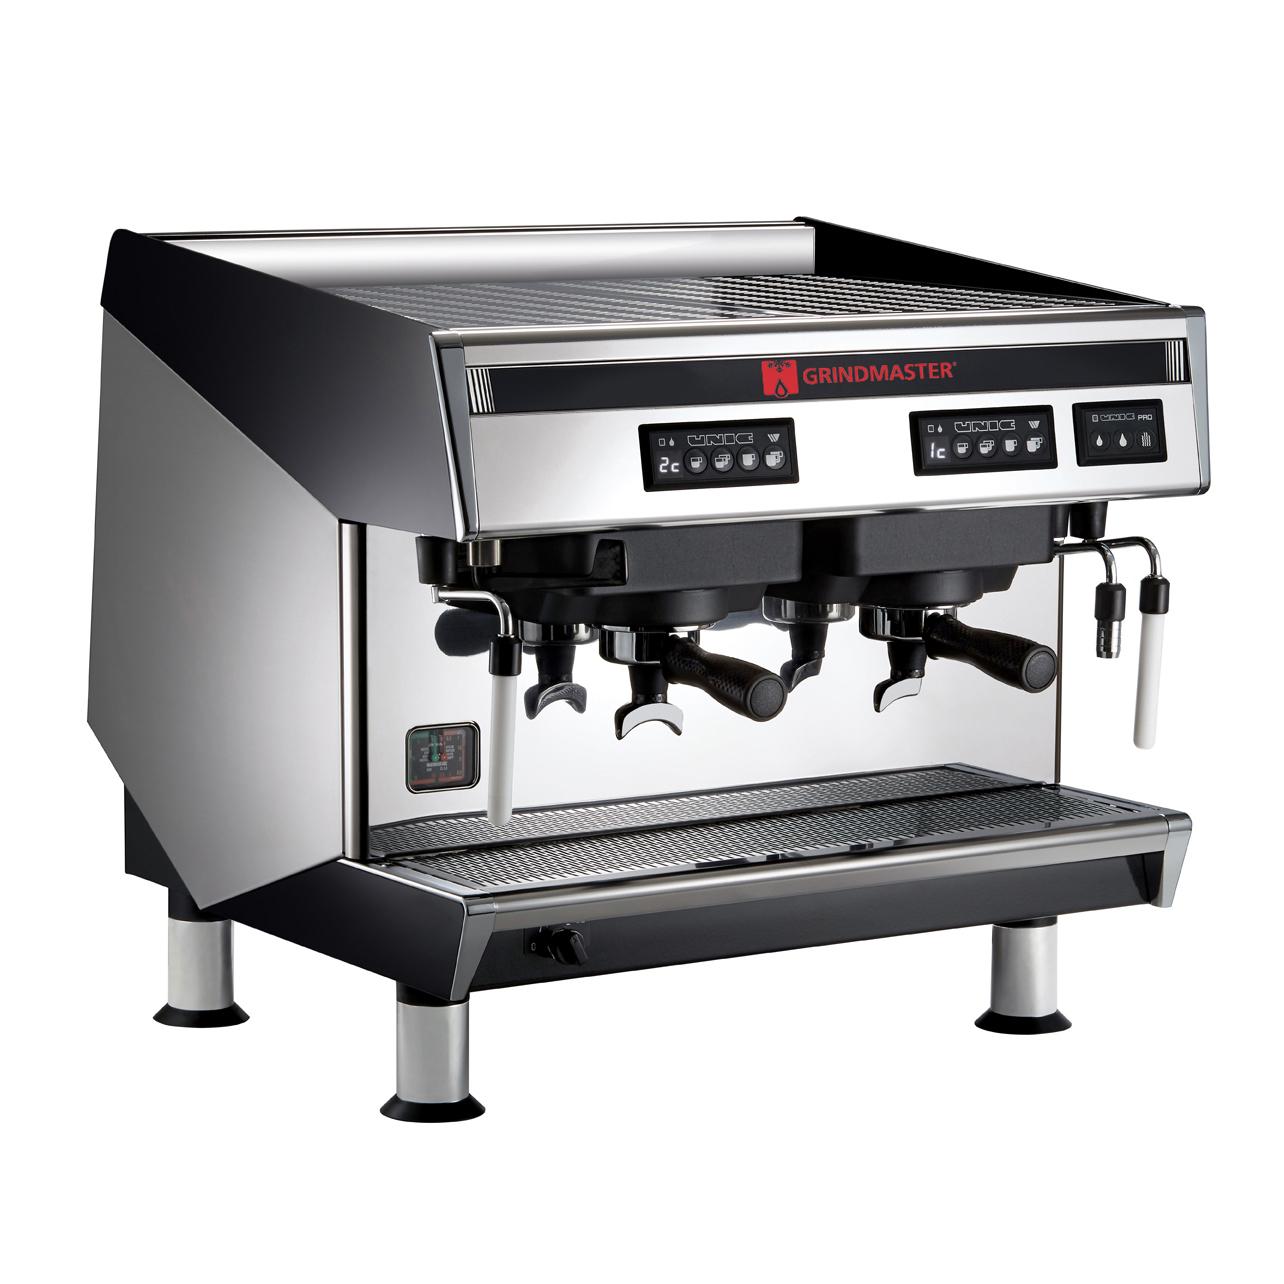 Grindmaster-Cecilware TWIN MIRA espresso cappuccino machine